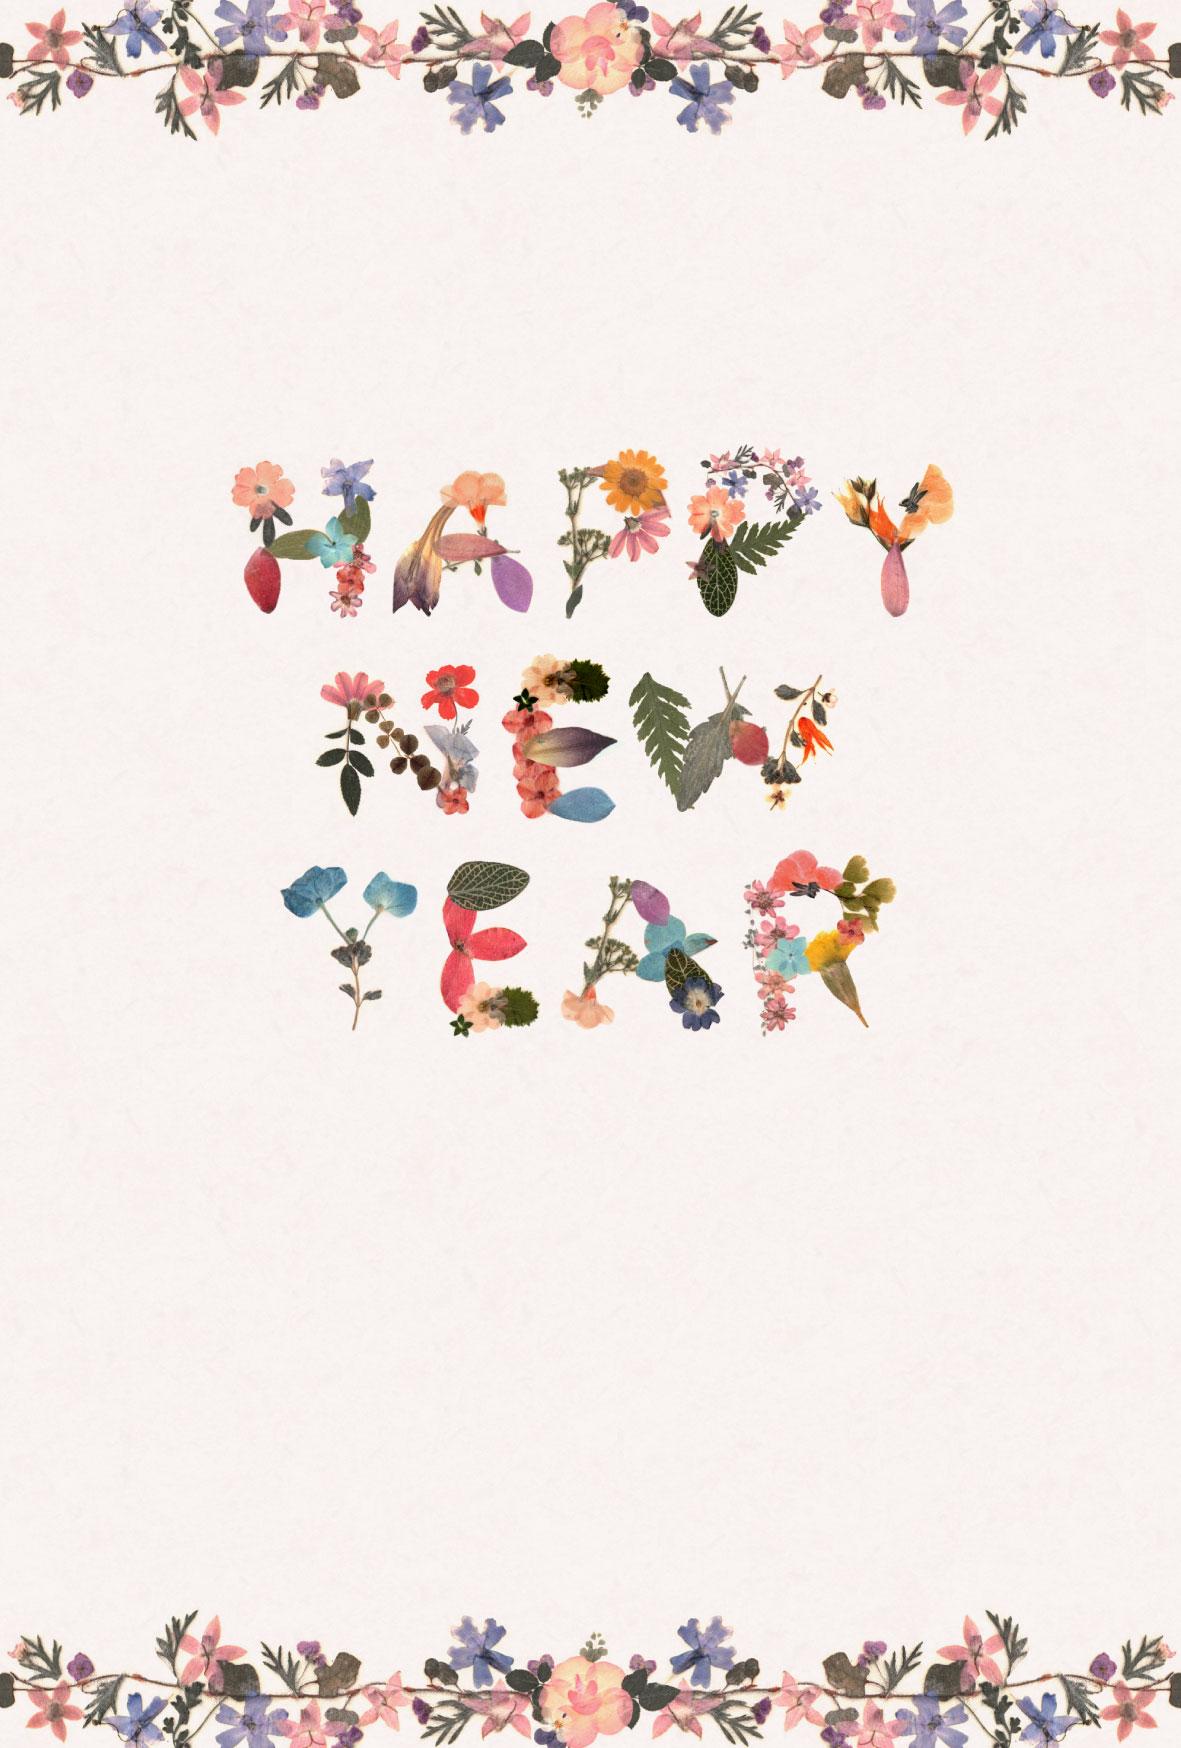 happy new year」の押し花デザインの年賀状テンプレート | かわいい無料